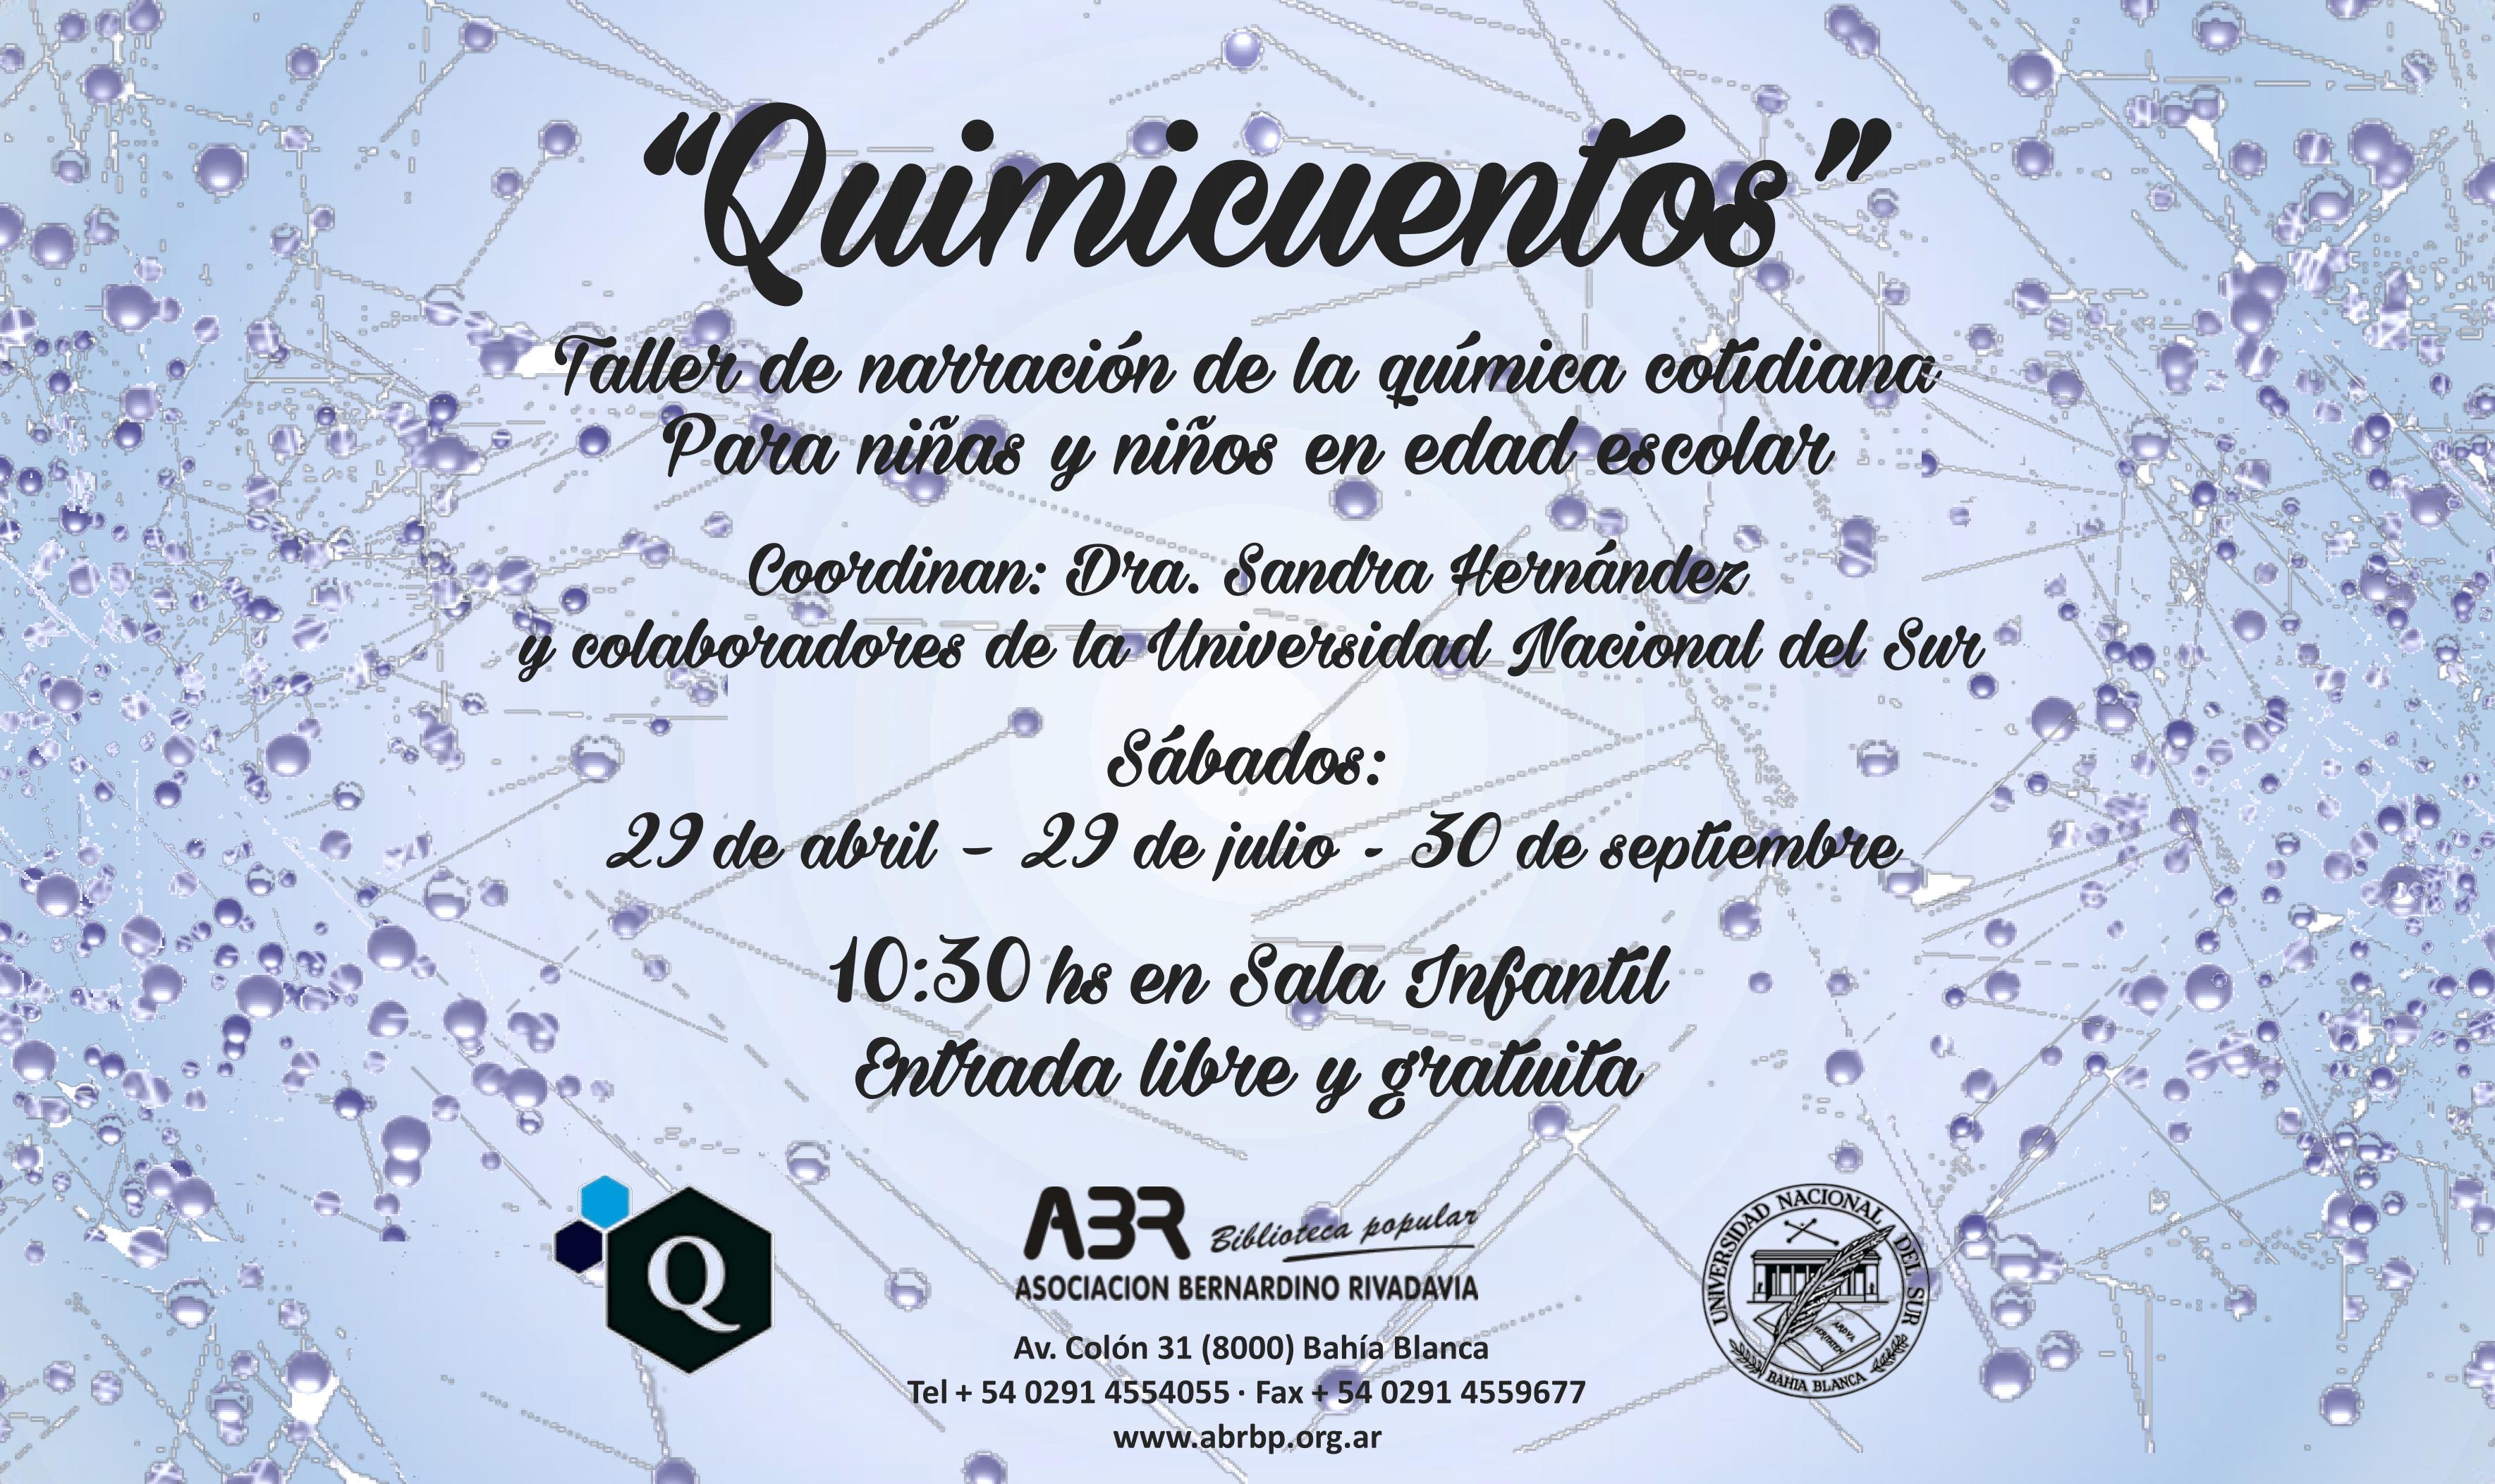 Flyer Quimicuentos 2017